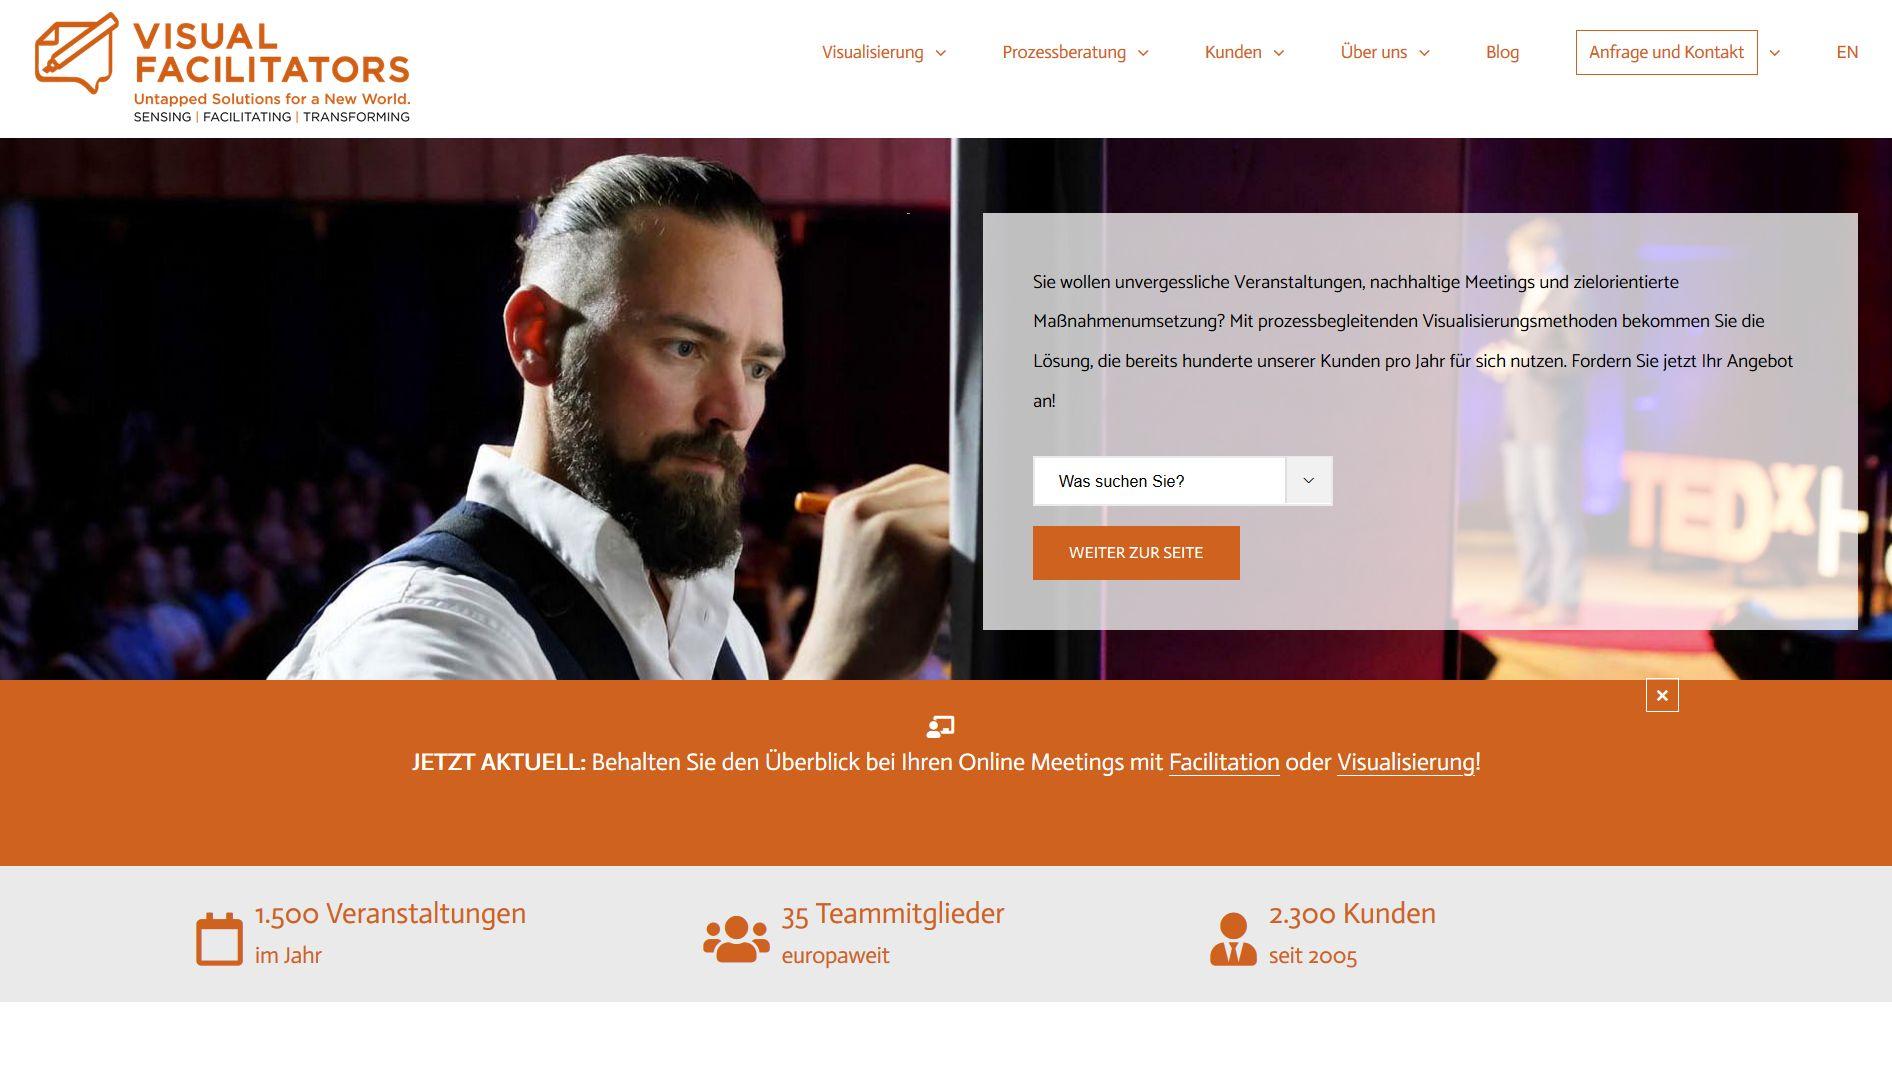 Screenshot Website  visualfacilitators.com/de/